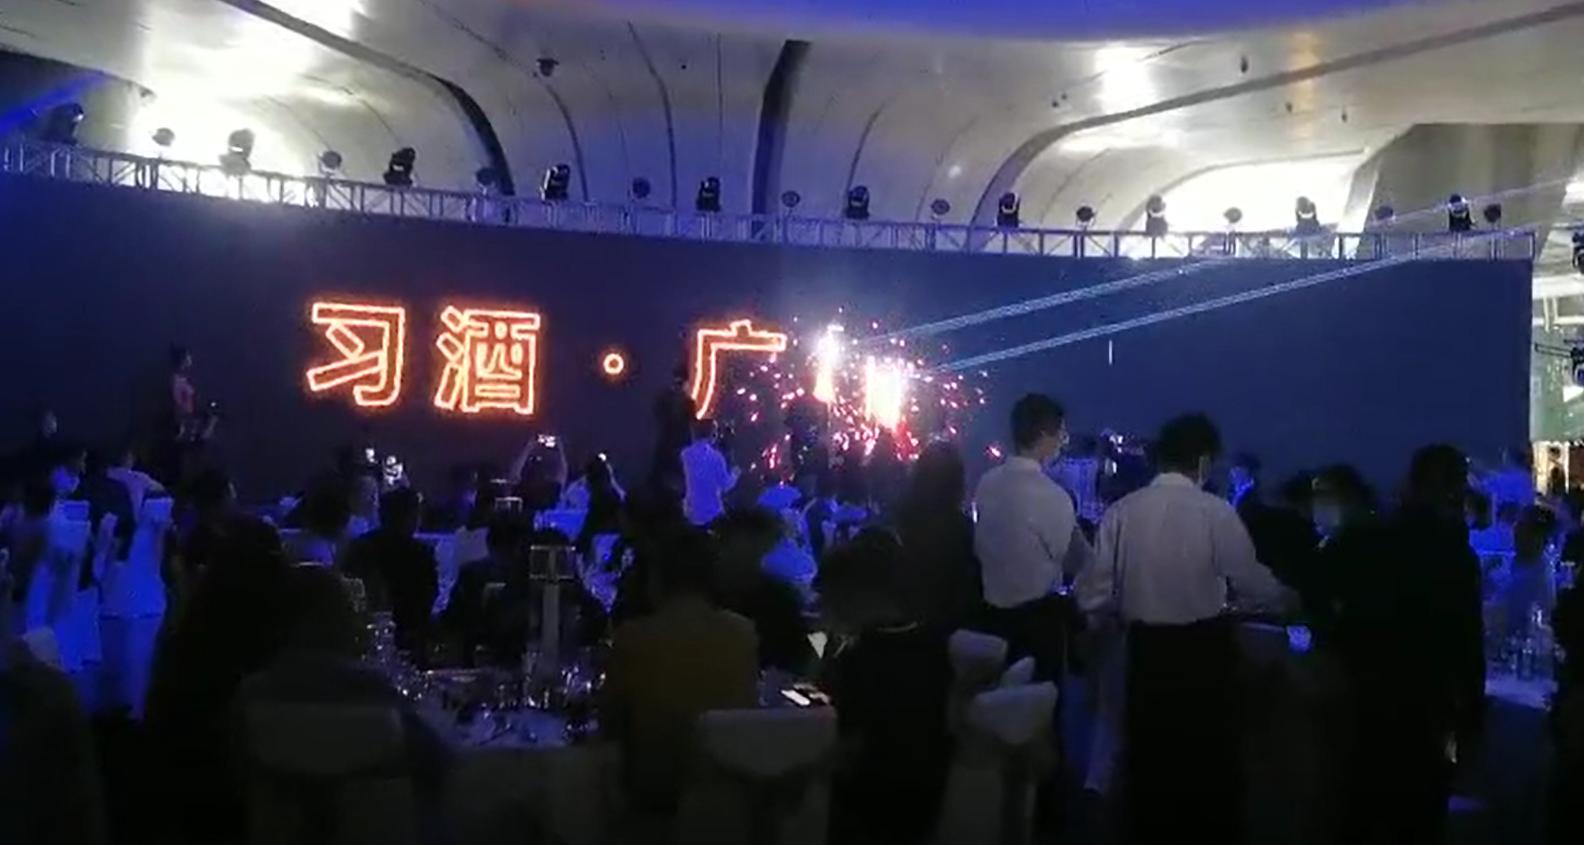 思成灯光助力广州塔习酒品牌广告成功亮相